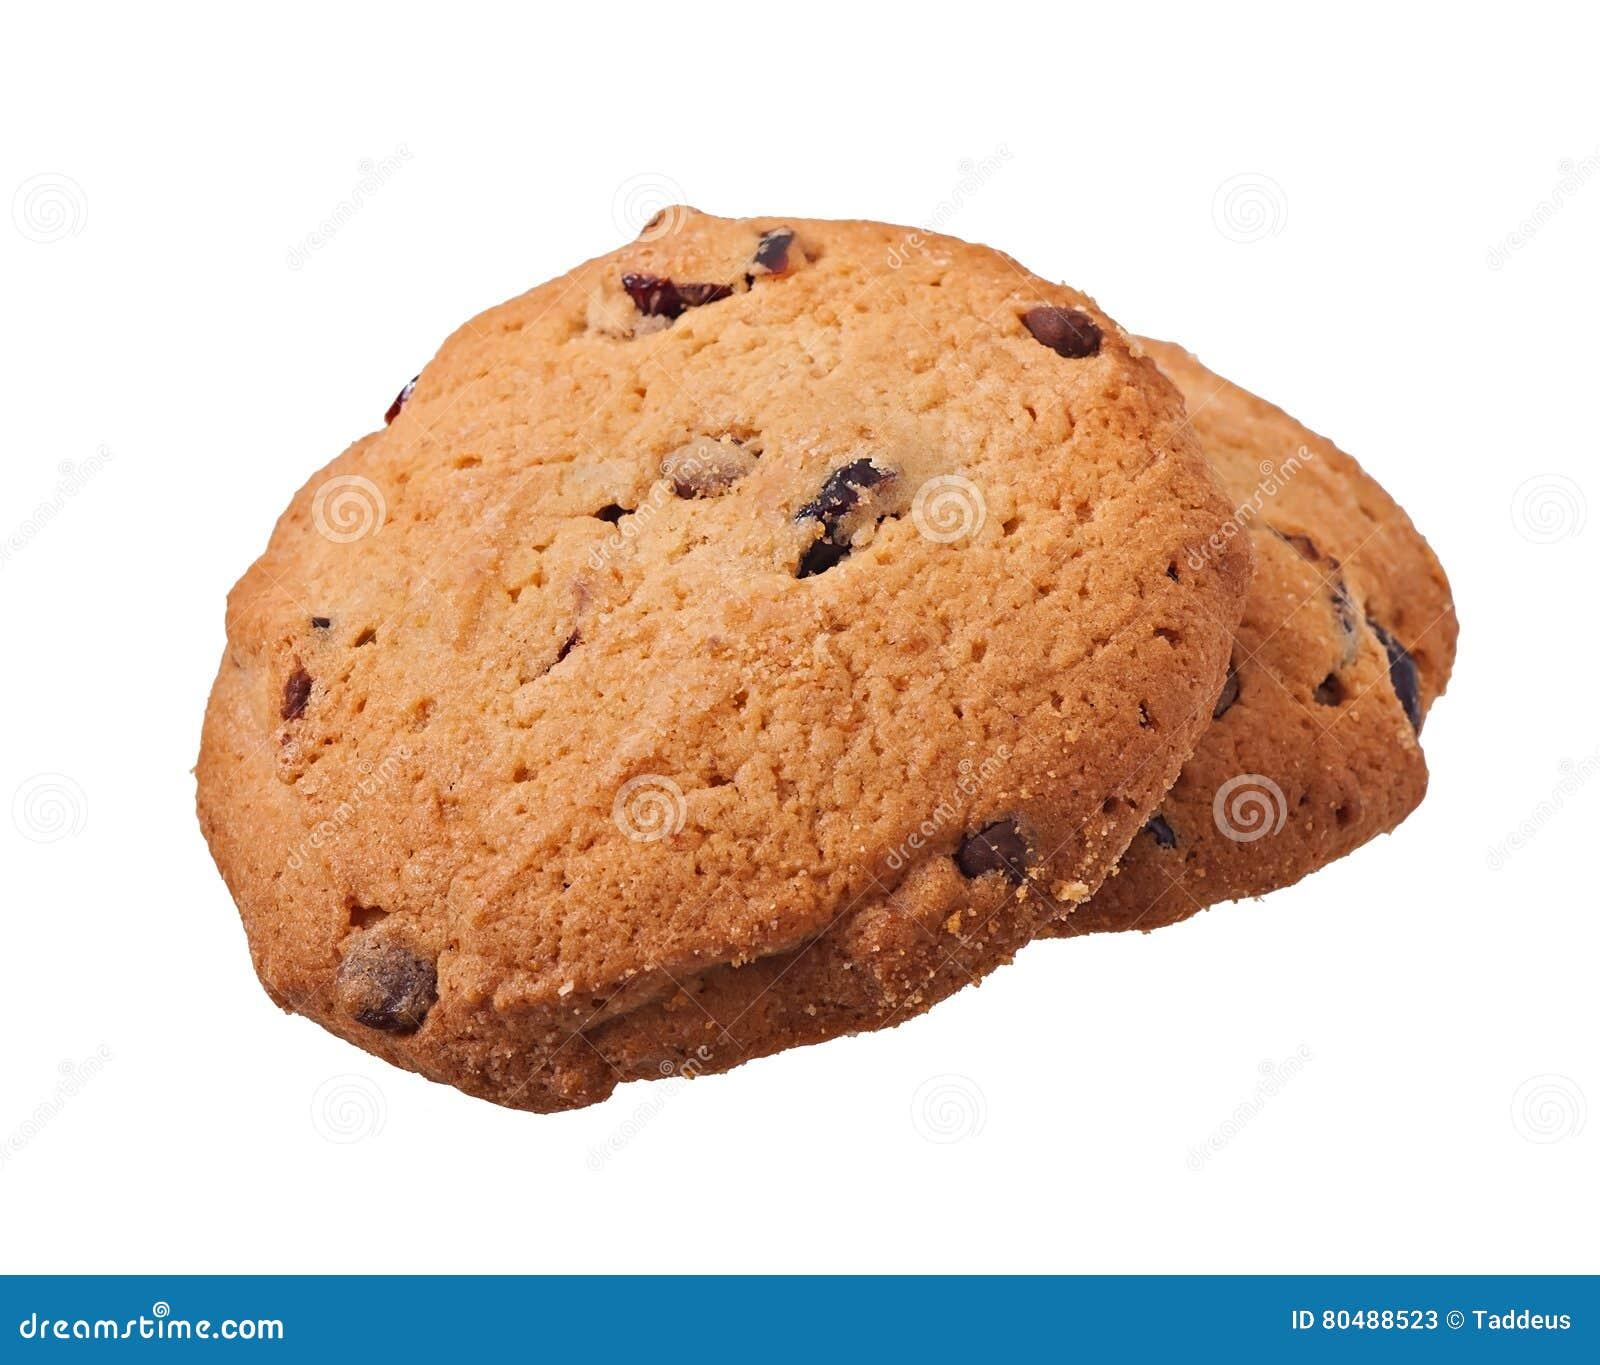 Biscuits doux